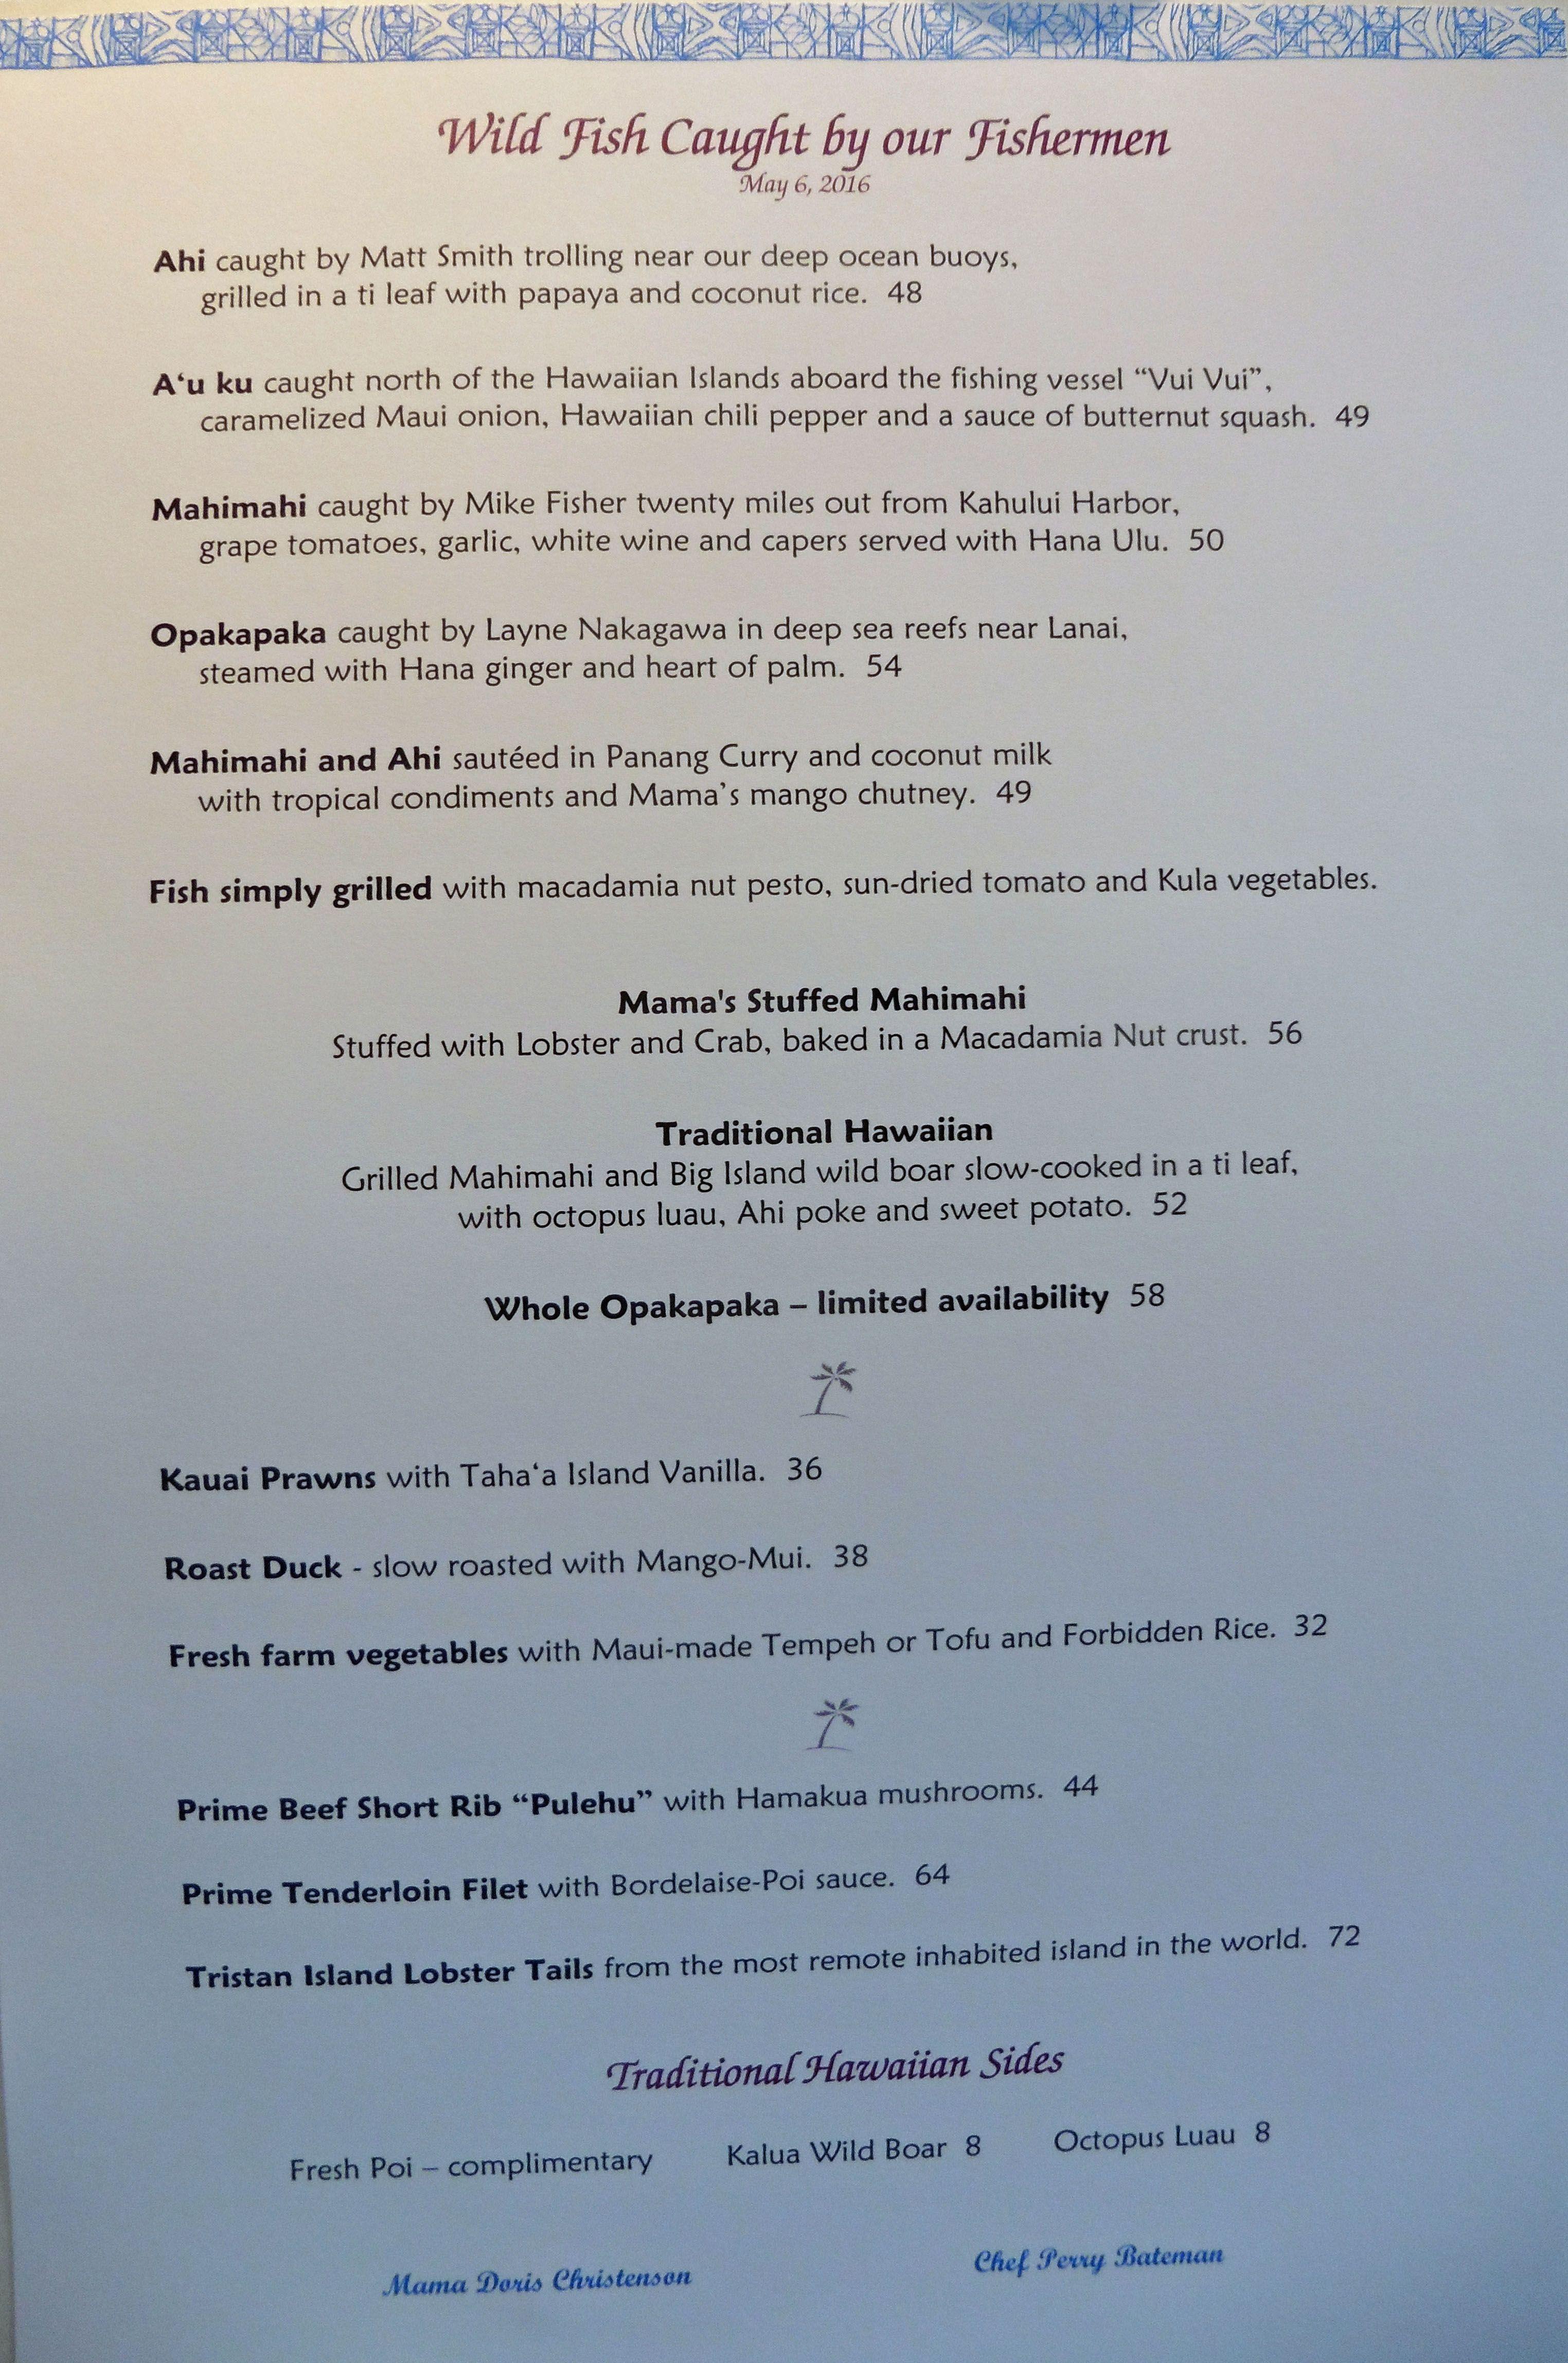 Mama's Fish House, Maui. Aivan meren rannalla Hanaan vievän tien varrella. Mama's Fish House on äänestetty suosituimmaksi ja ruoaltaan ykköseksi Mauin ravintoloista. Upea näköala, erinomainen palveluja uskomattoman herkullinen ruoka.